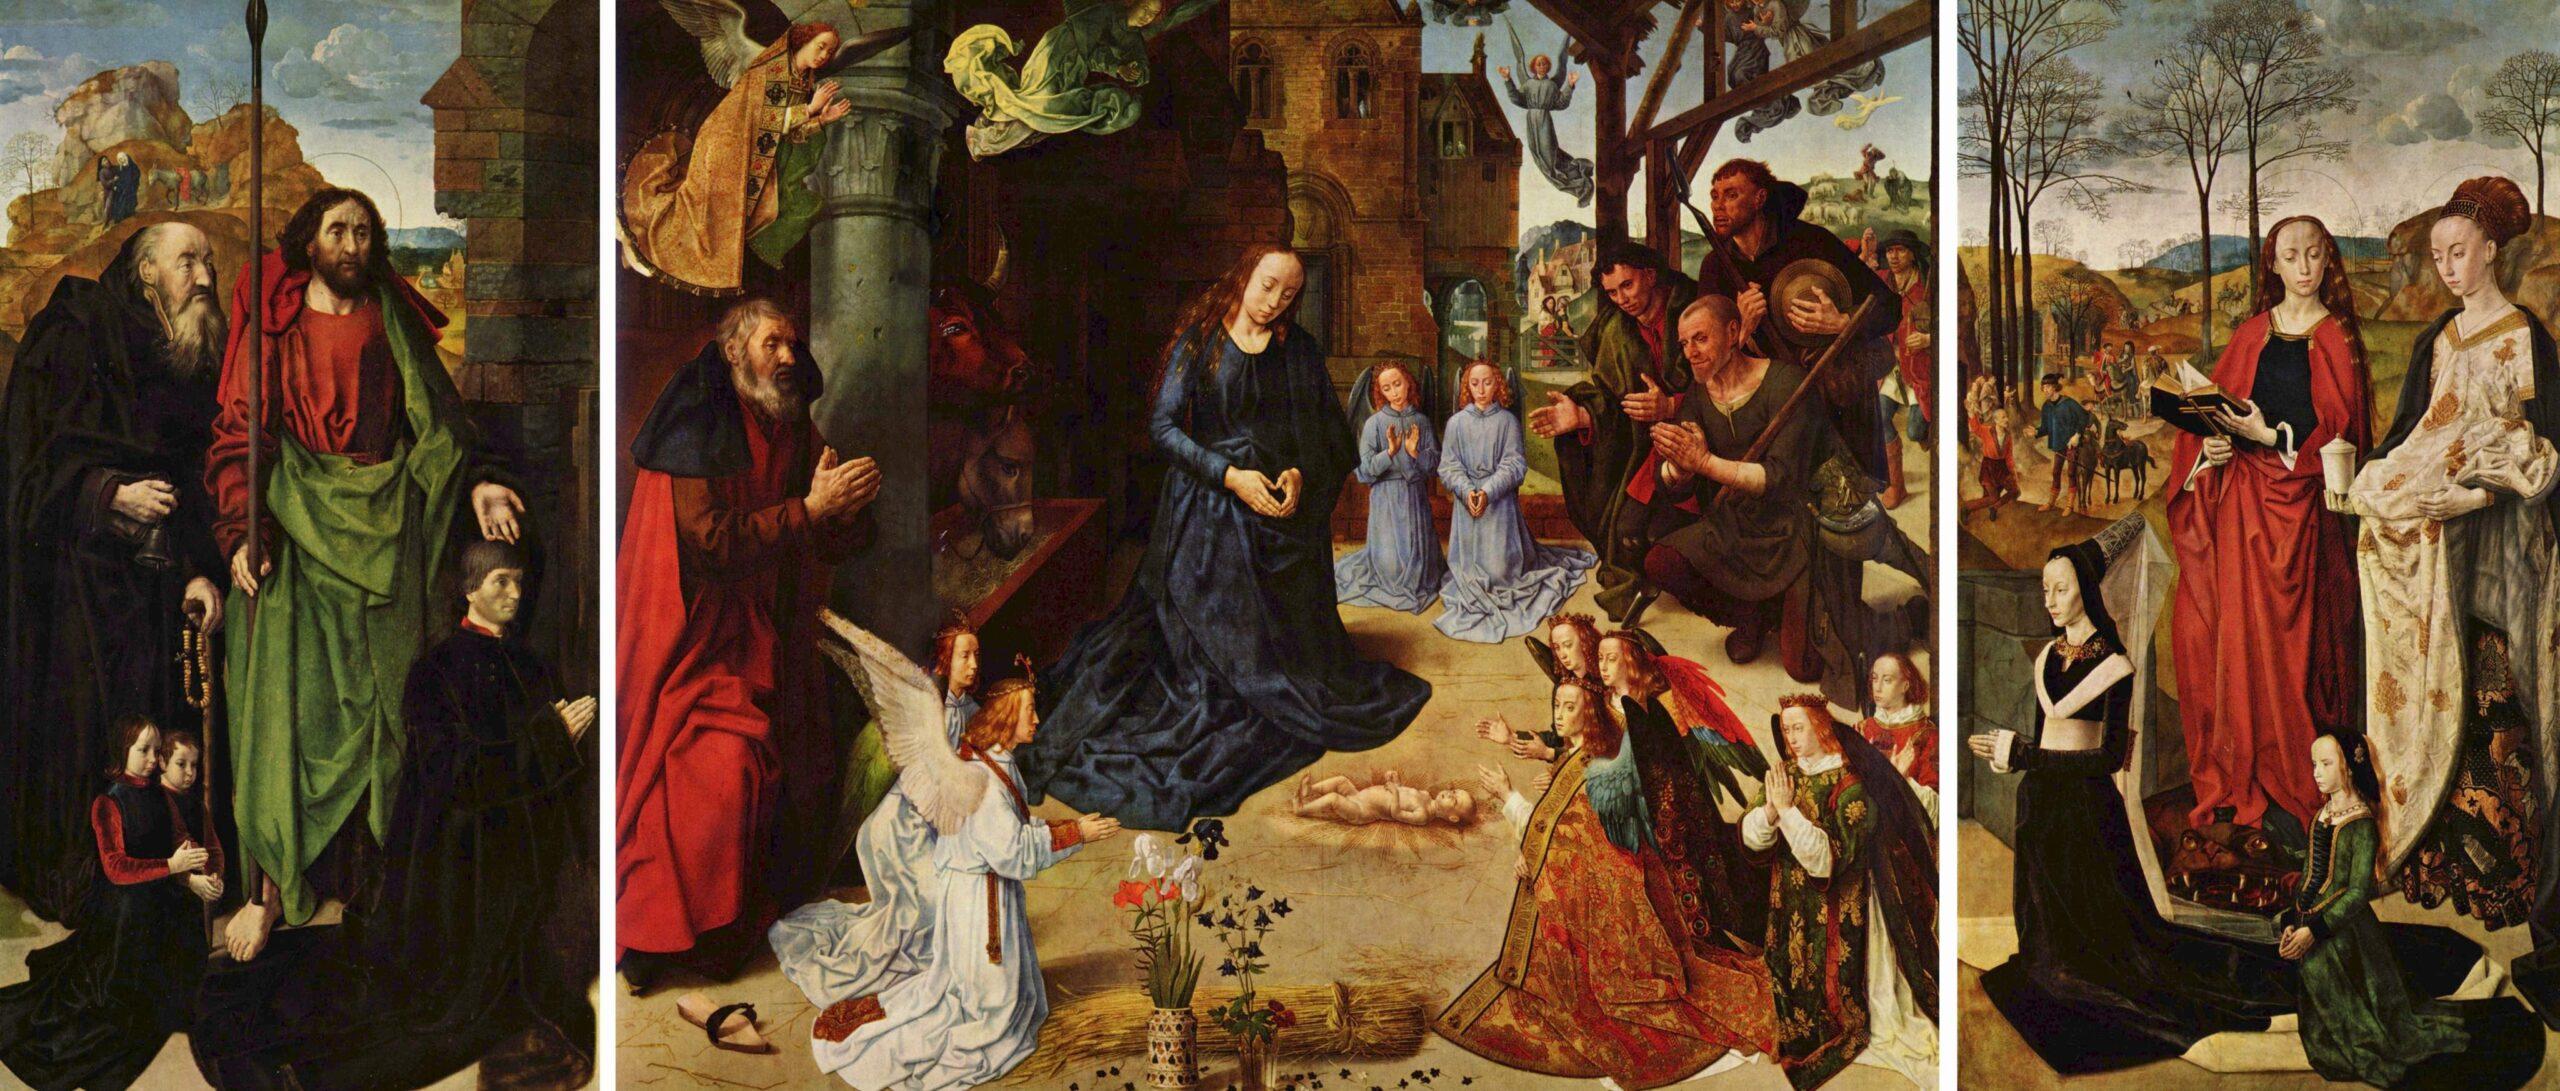 Hugo van der Goes (ca. 1440-1482), <em>The Portinari Altarpiece</em><br>Galleria degli Uffici, Florence